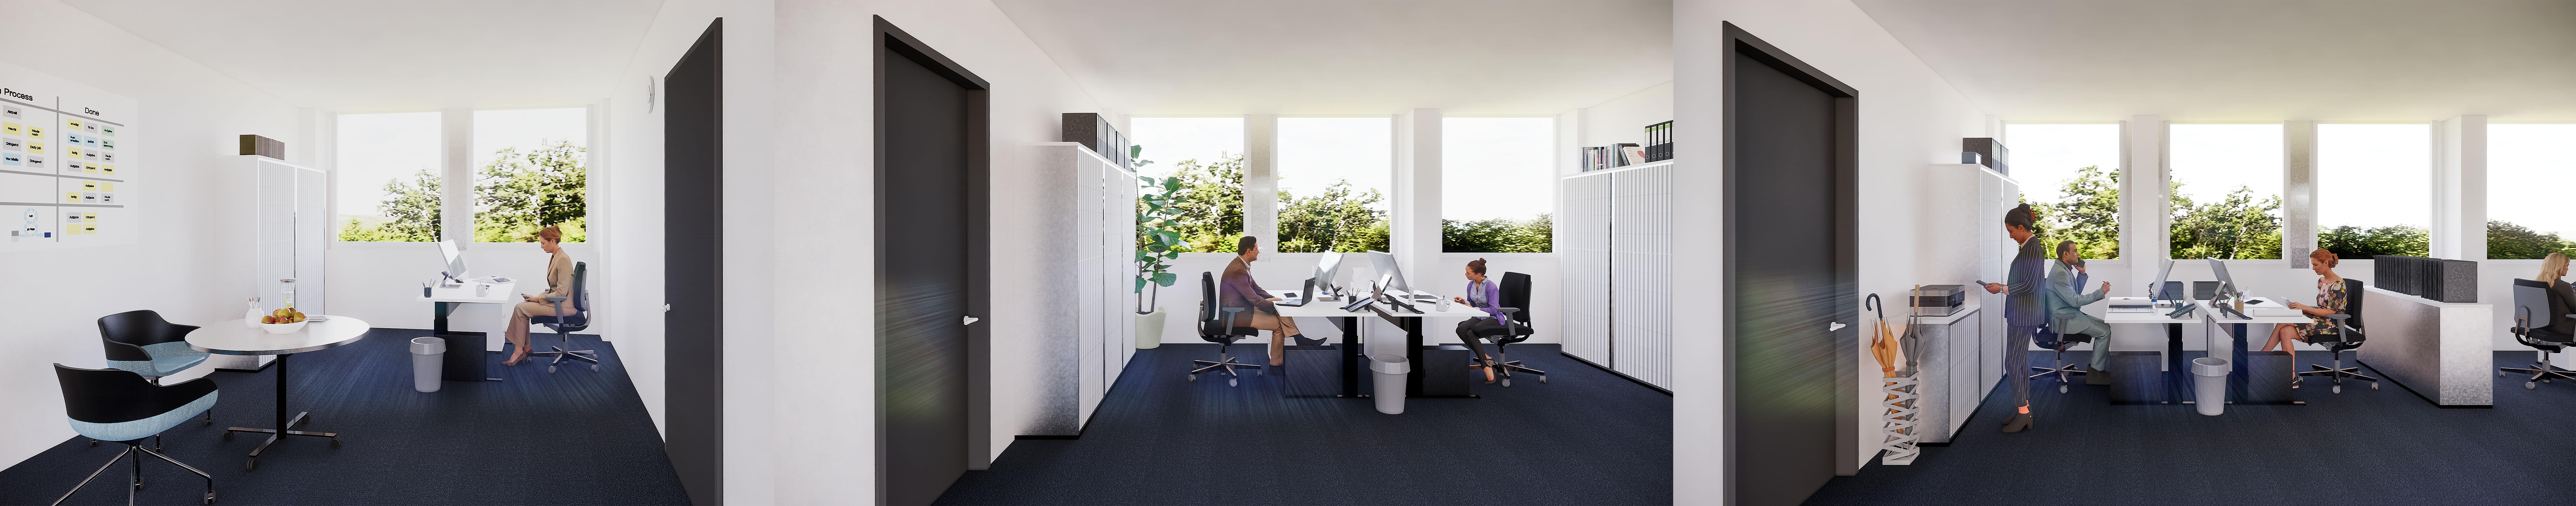 Bürokonzept Zellenbüro